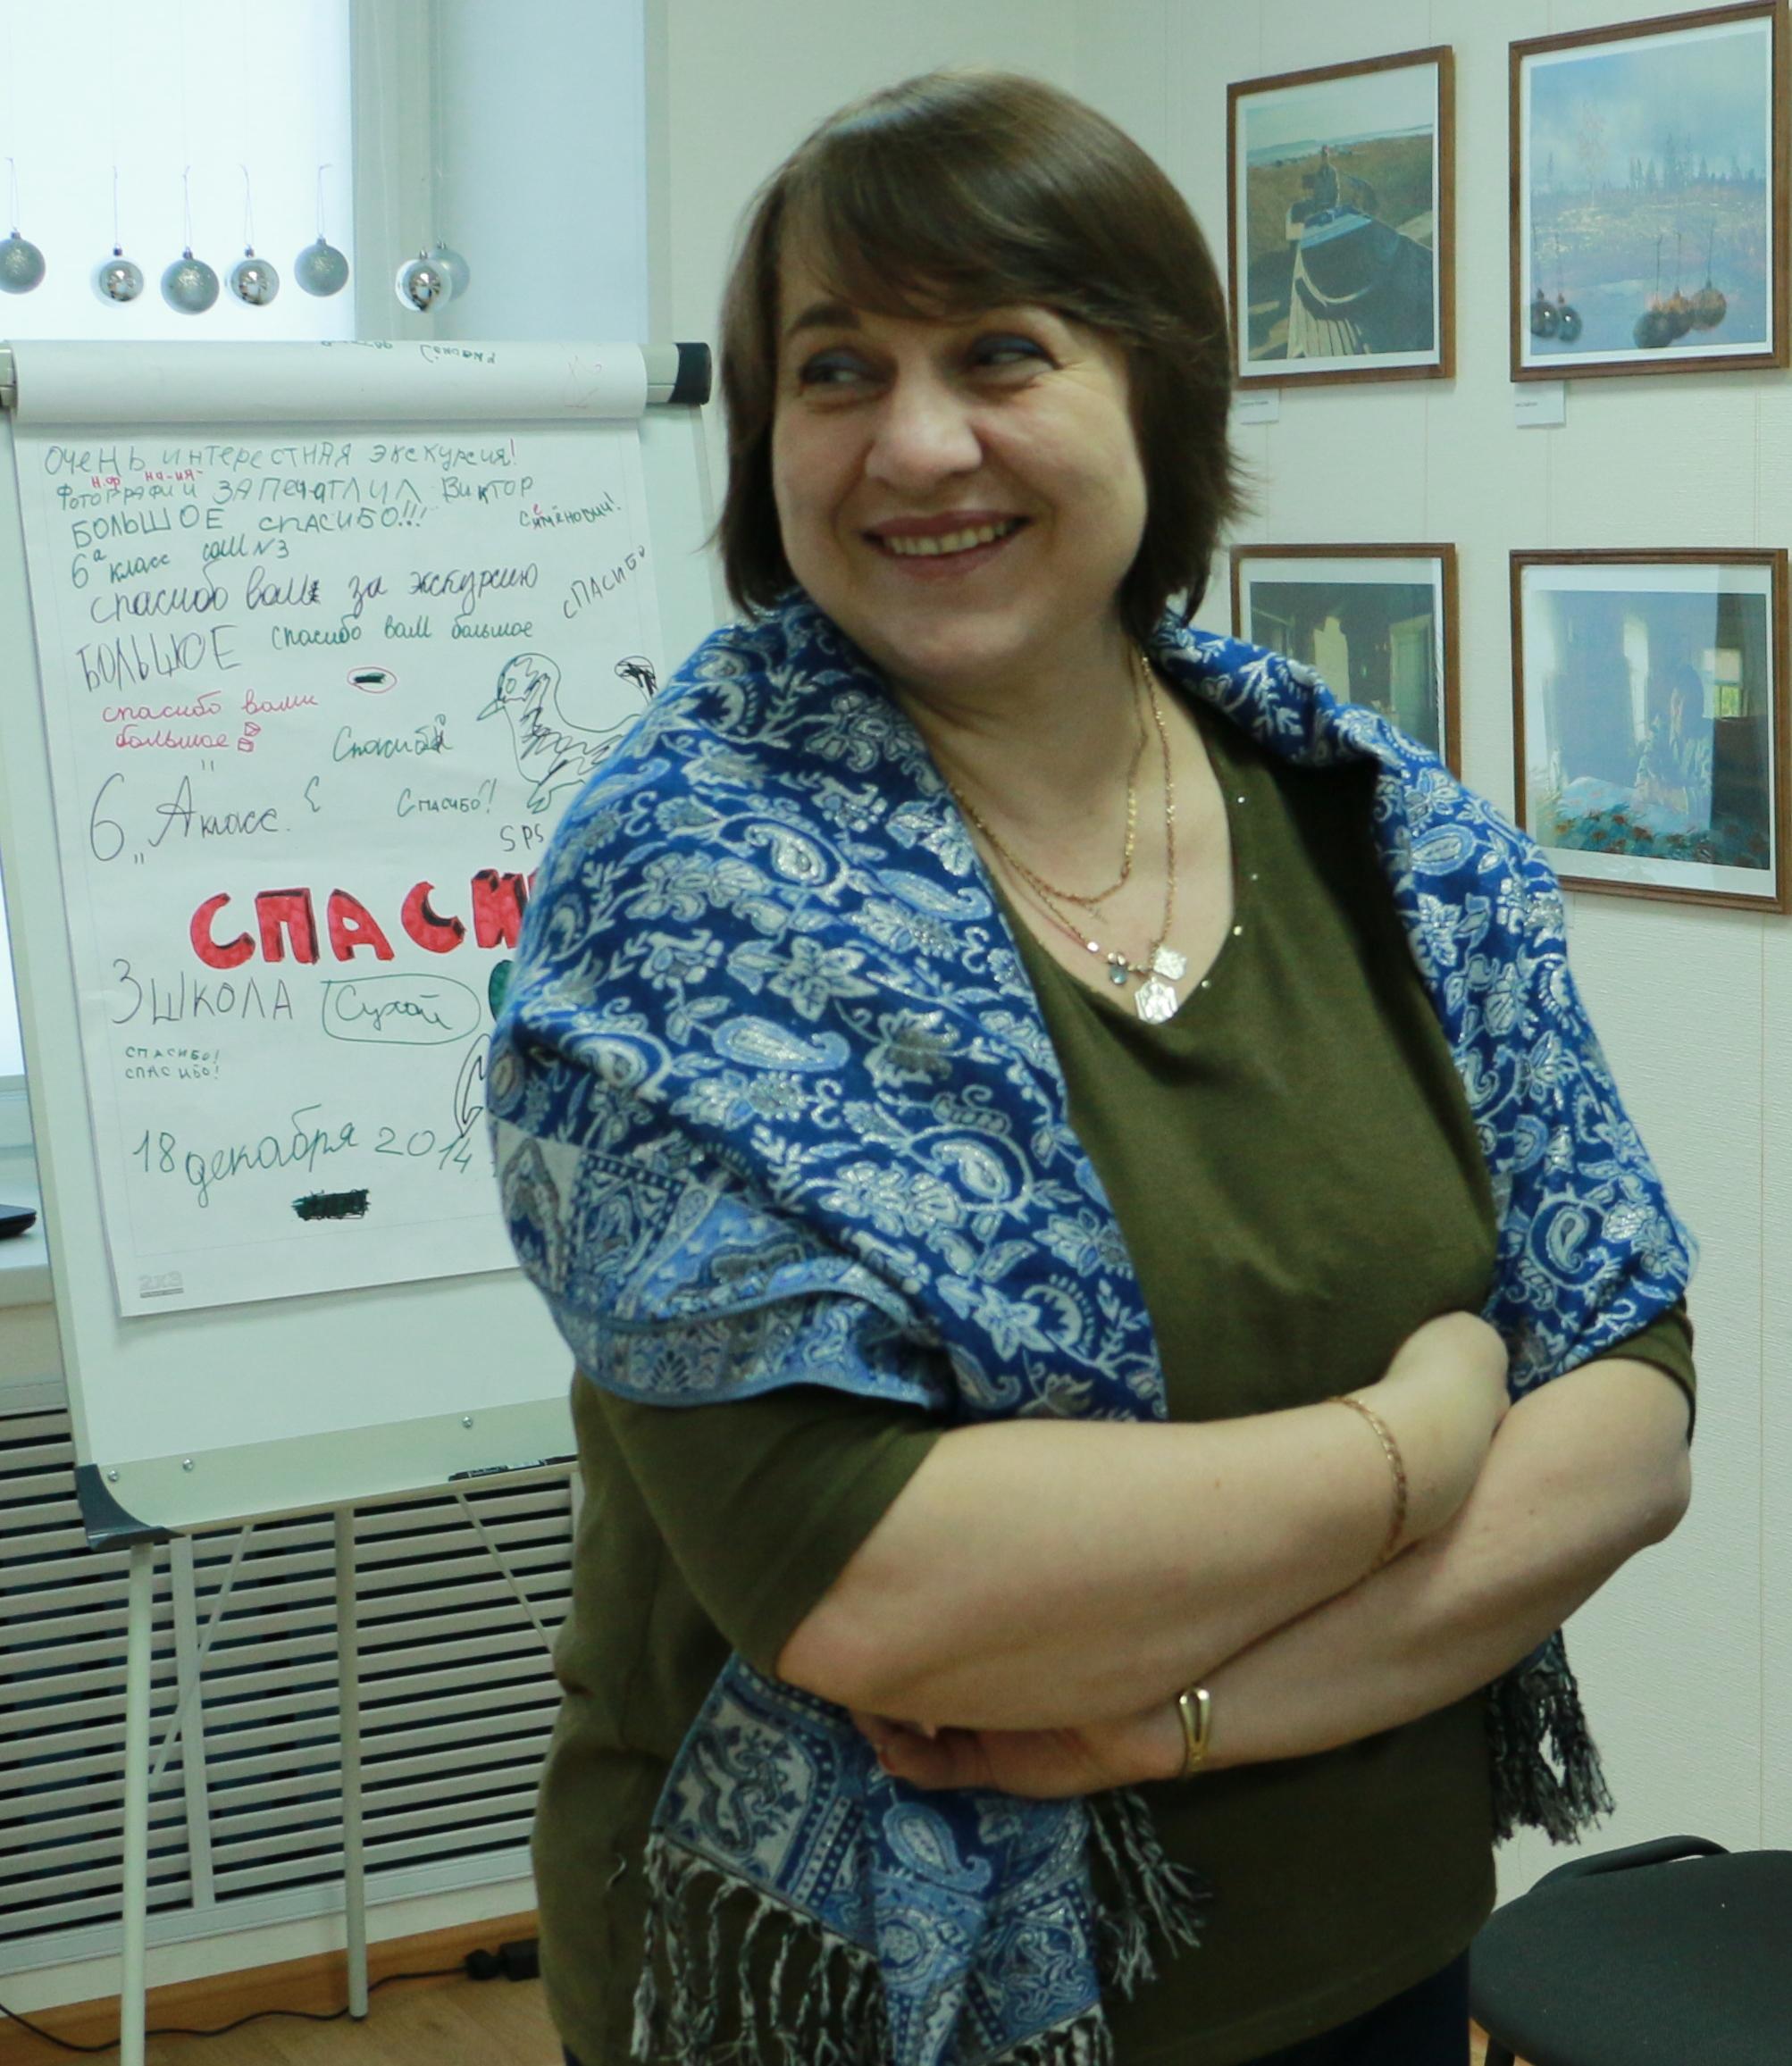 Е. Кулиева в Центре поморской культуры. 6 января 2015 г. Фото В. Дрягуева